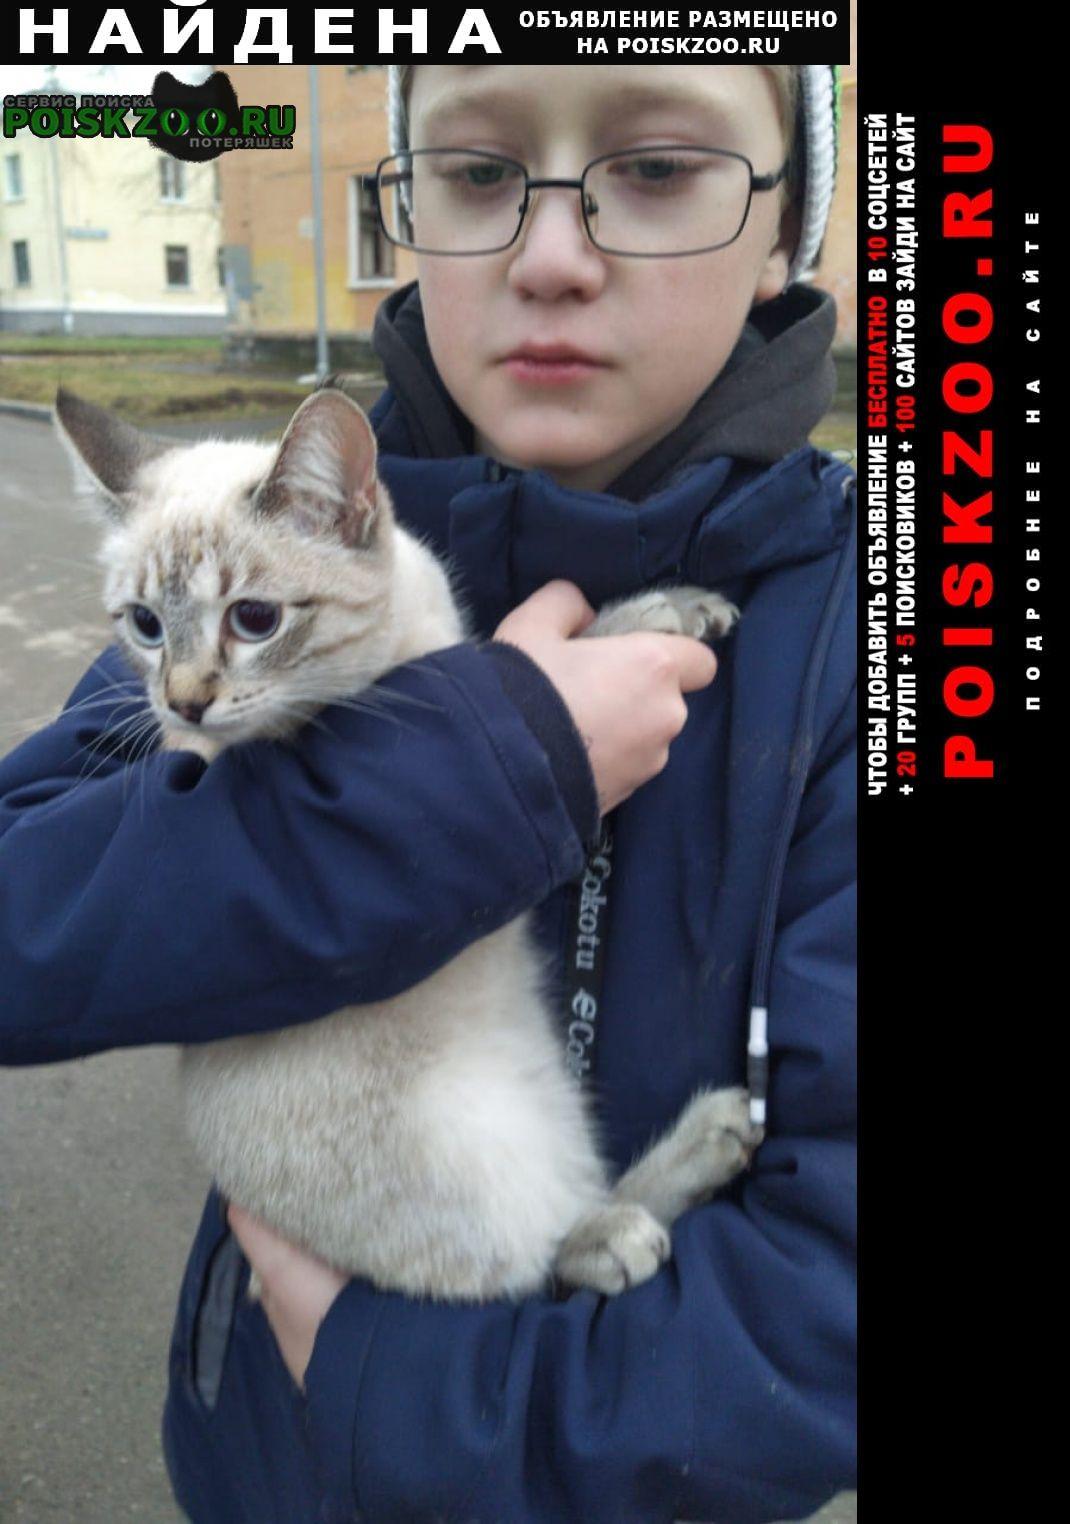 Найдена кошка Екатеринбург